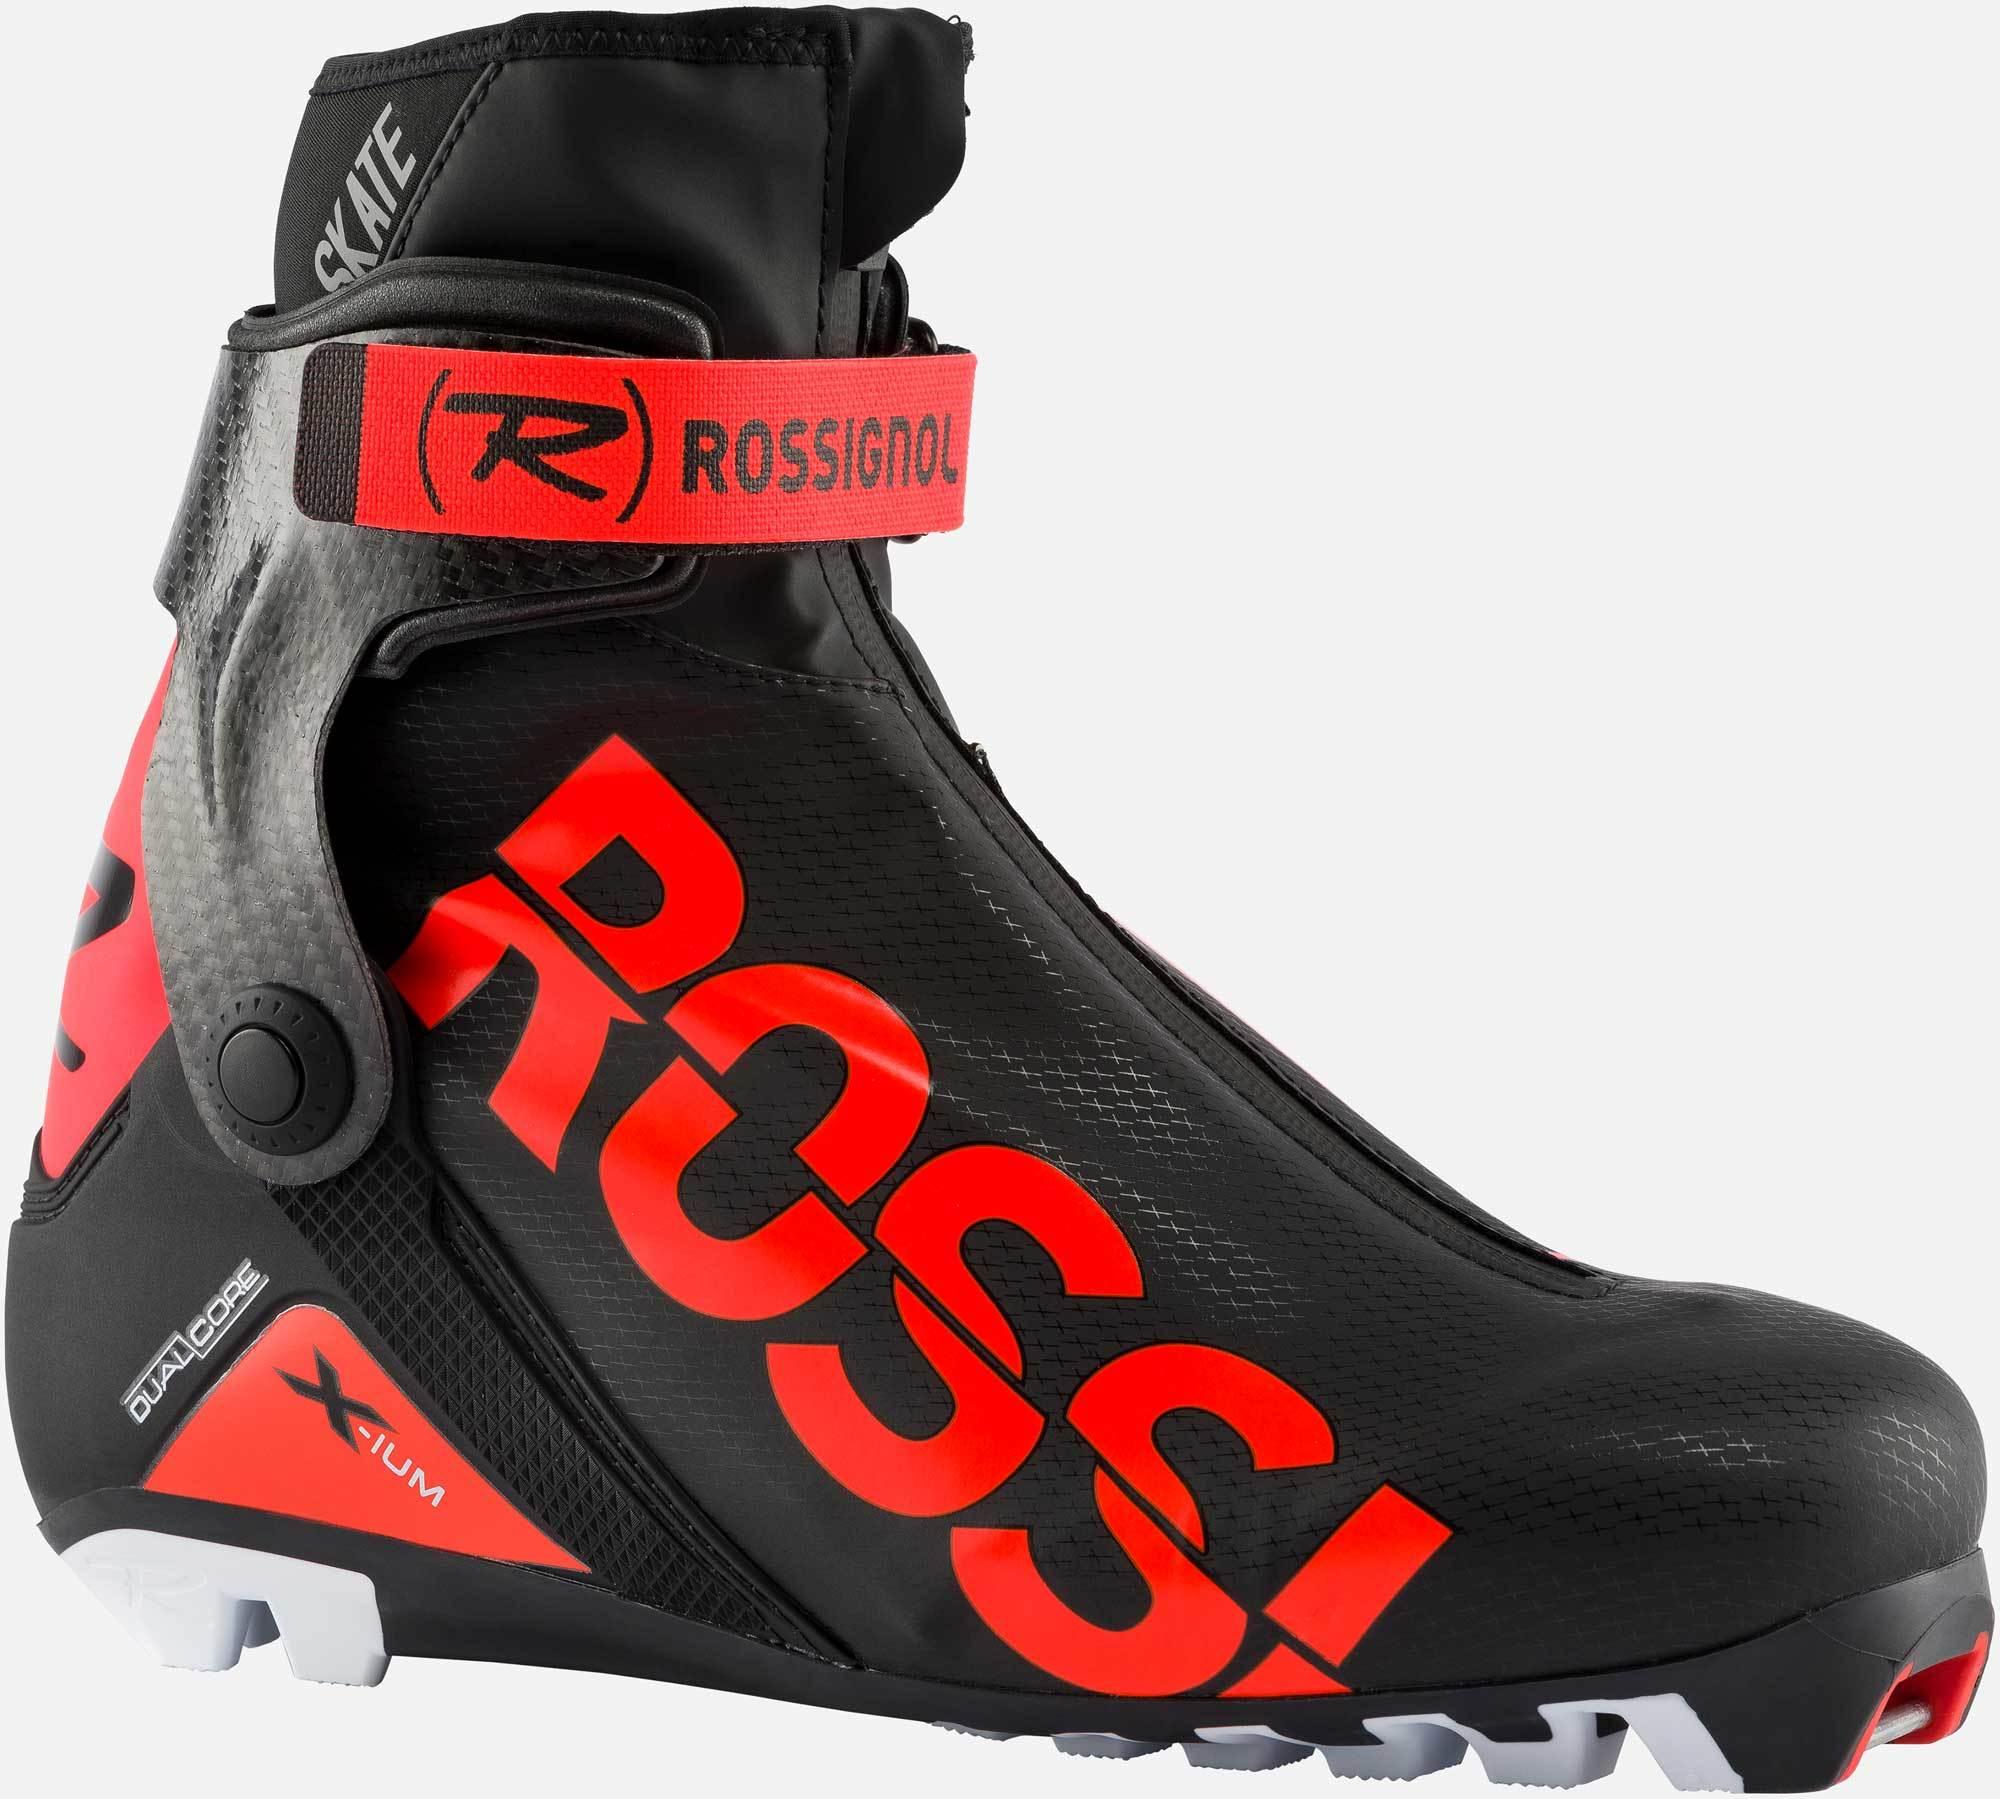 Rossignol X 10 Classic Nordic Ski Boot 202021